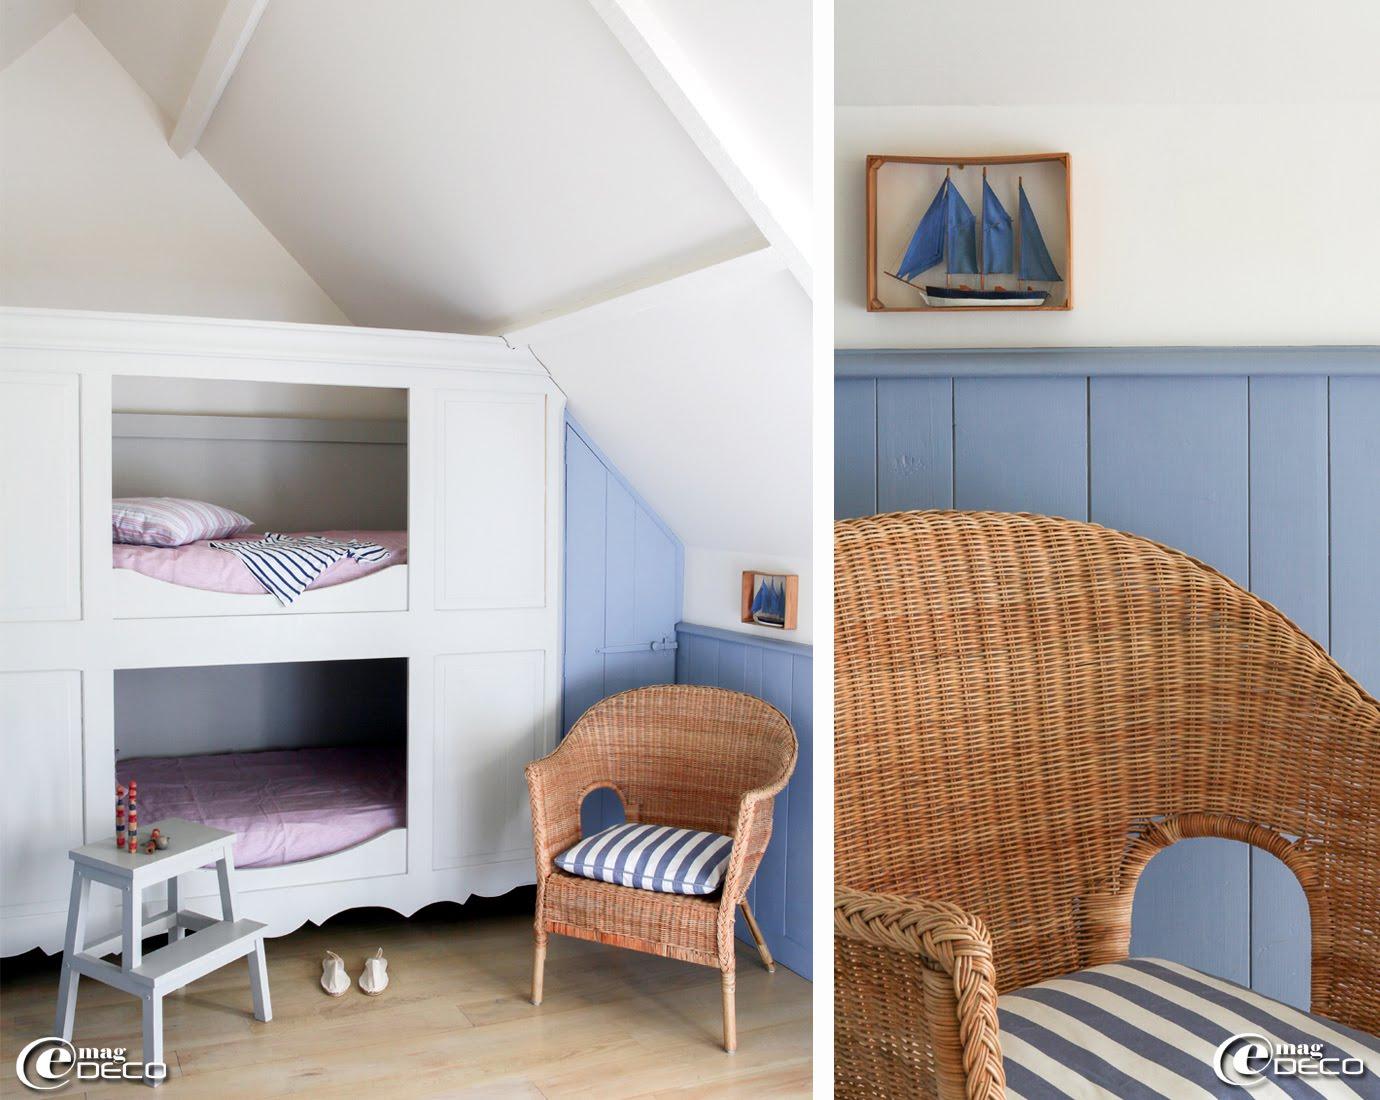 maison du monde lit enfant beautiful lit enfant cabane palettes pinterest inventions mezzanine. Black Bedroom Furniture Sets. Home Design Ideas